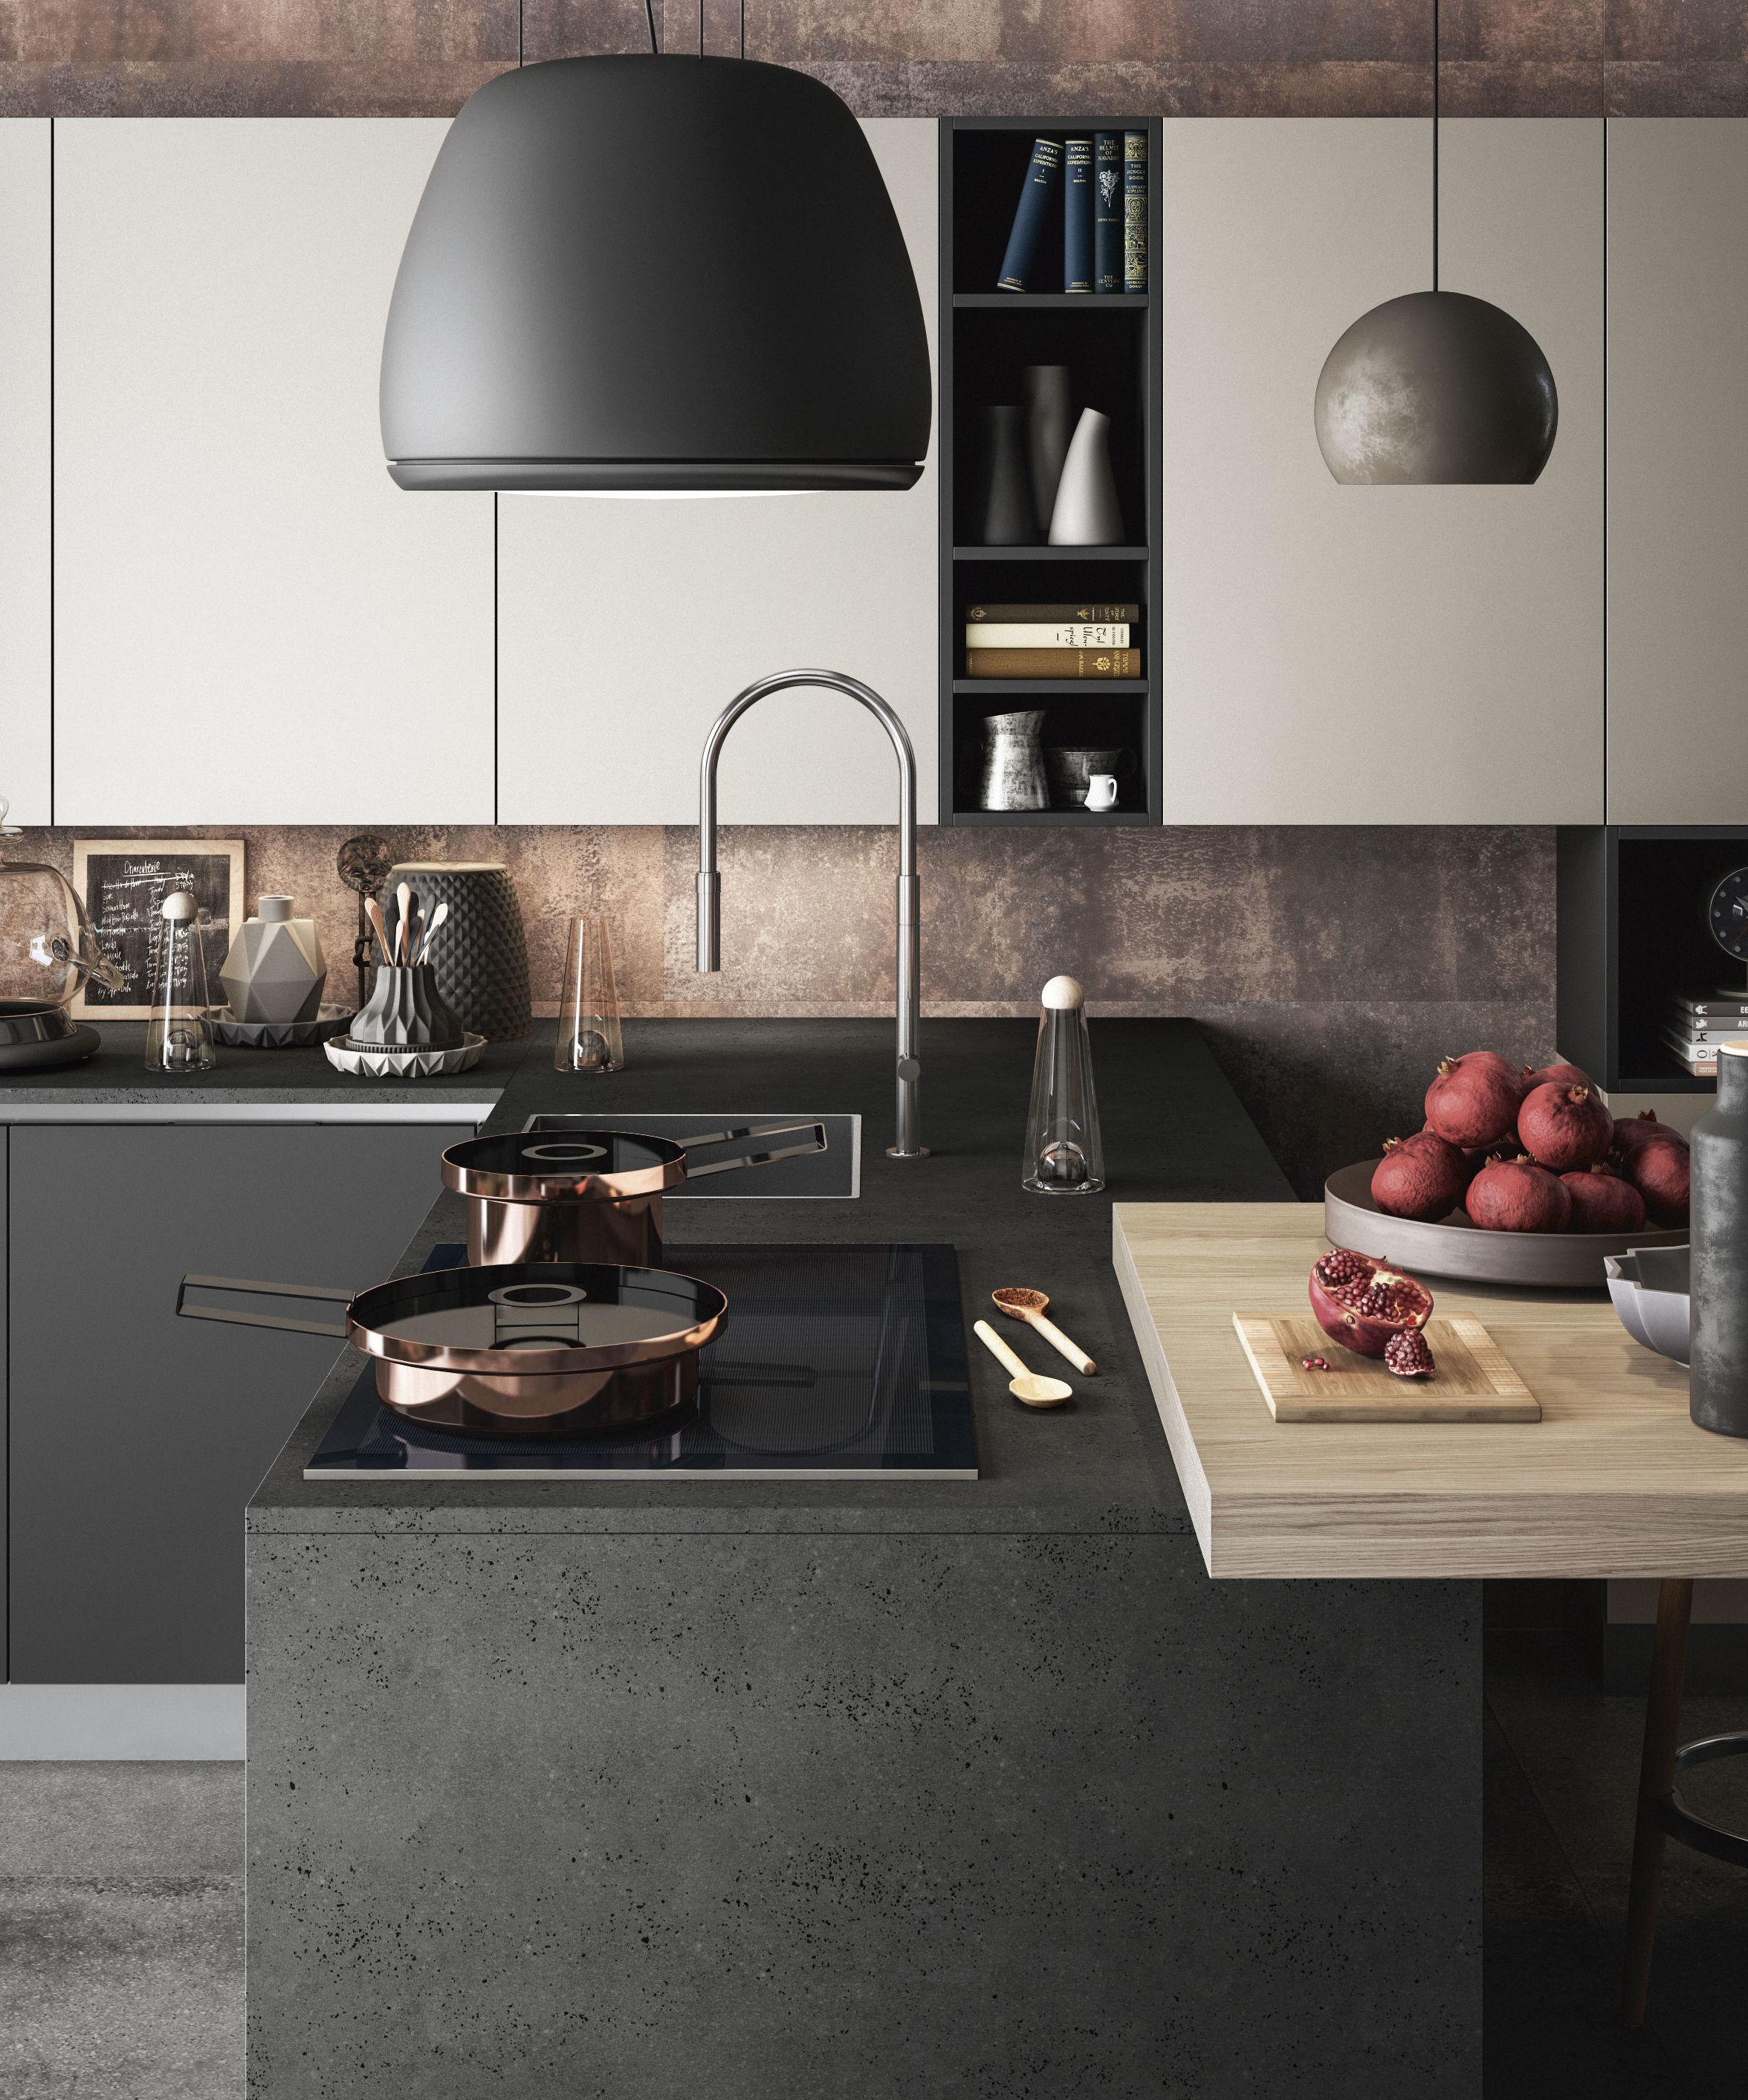 Modelo Time: Productos de Diseño Cocina